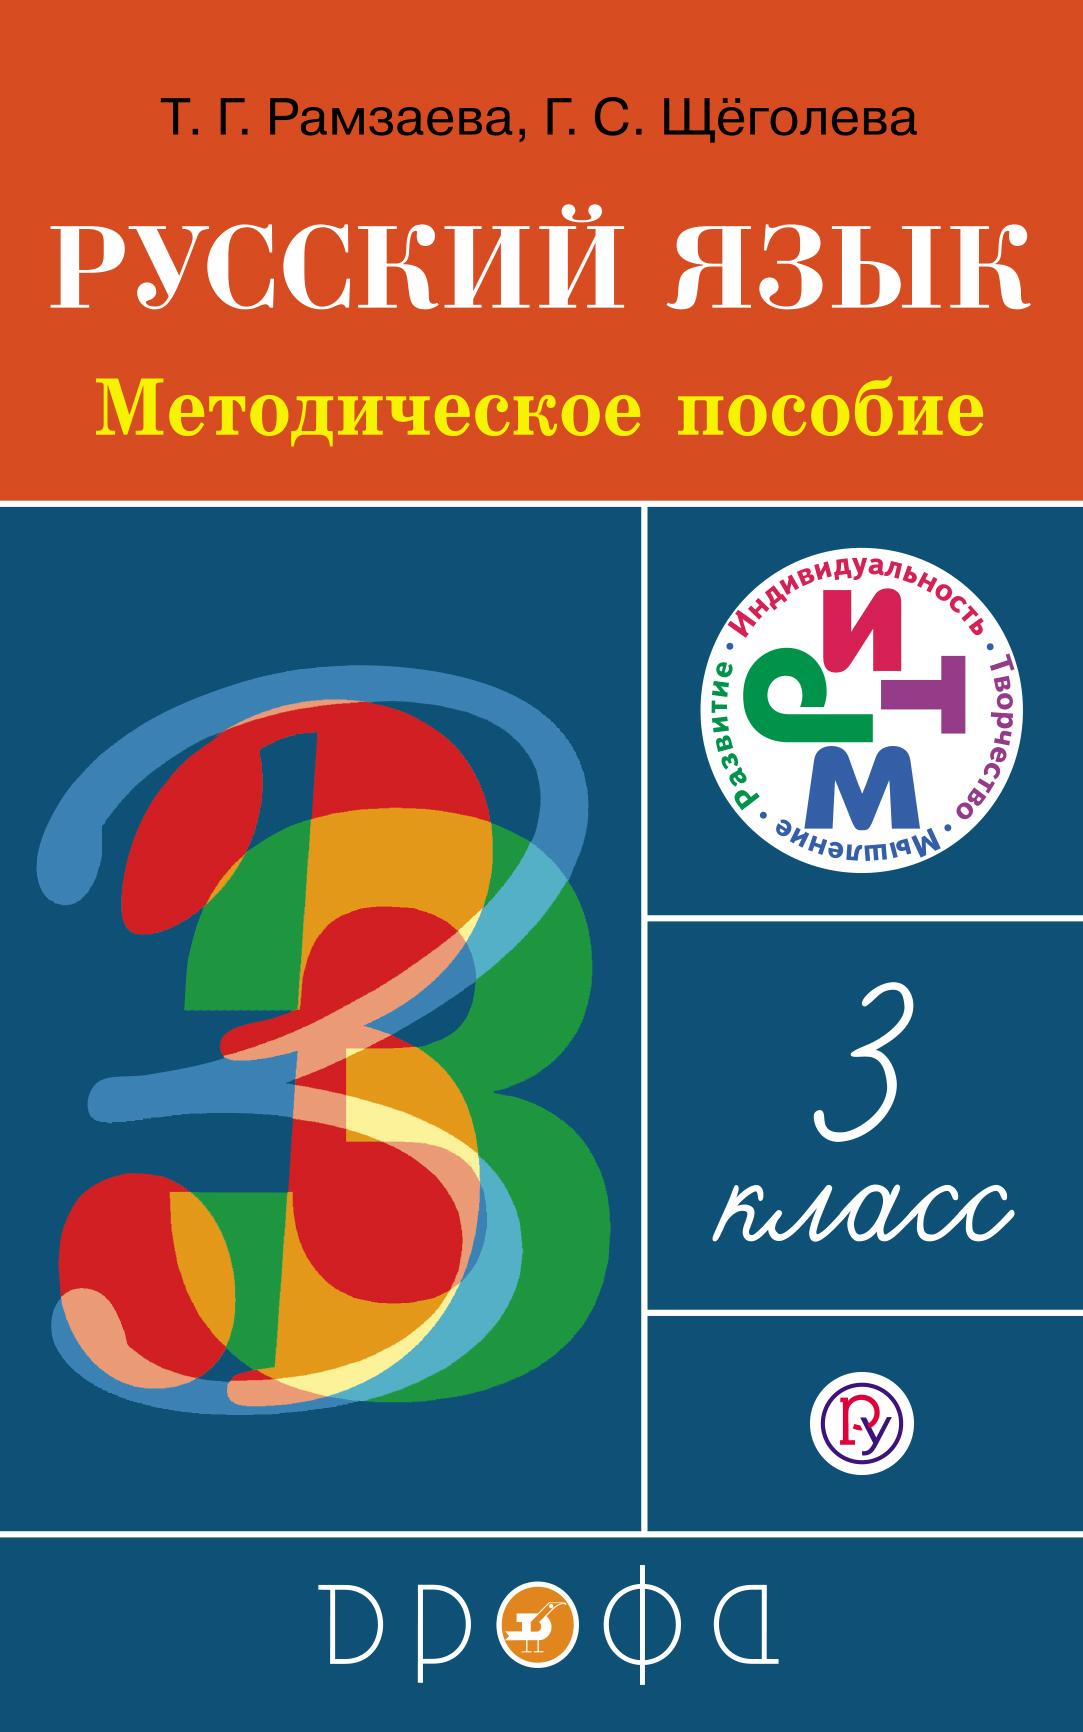 Рамзаева Т.Г., Щеголева Г.С. / Русский язык. 3 класс. Методическое пособие